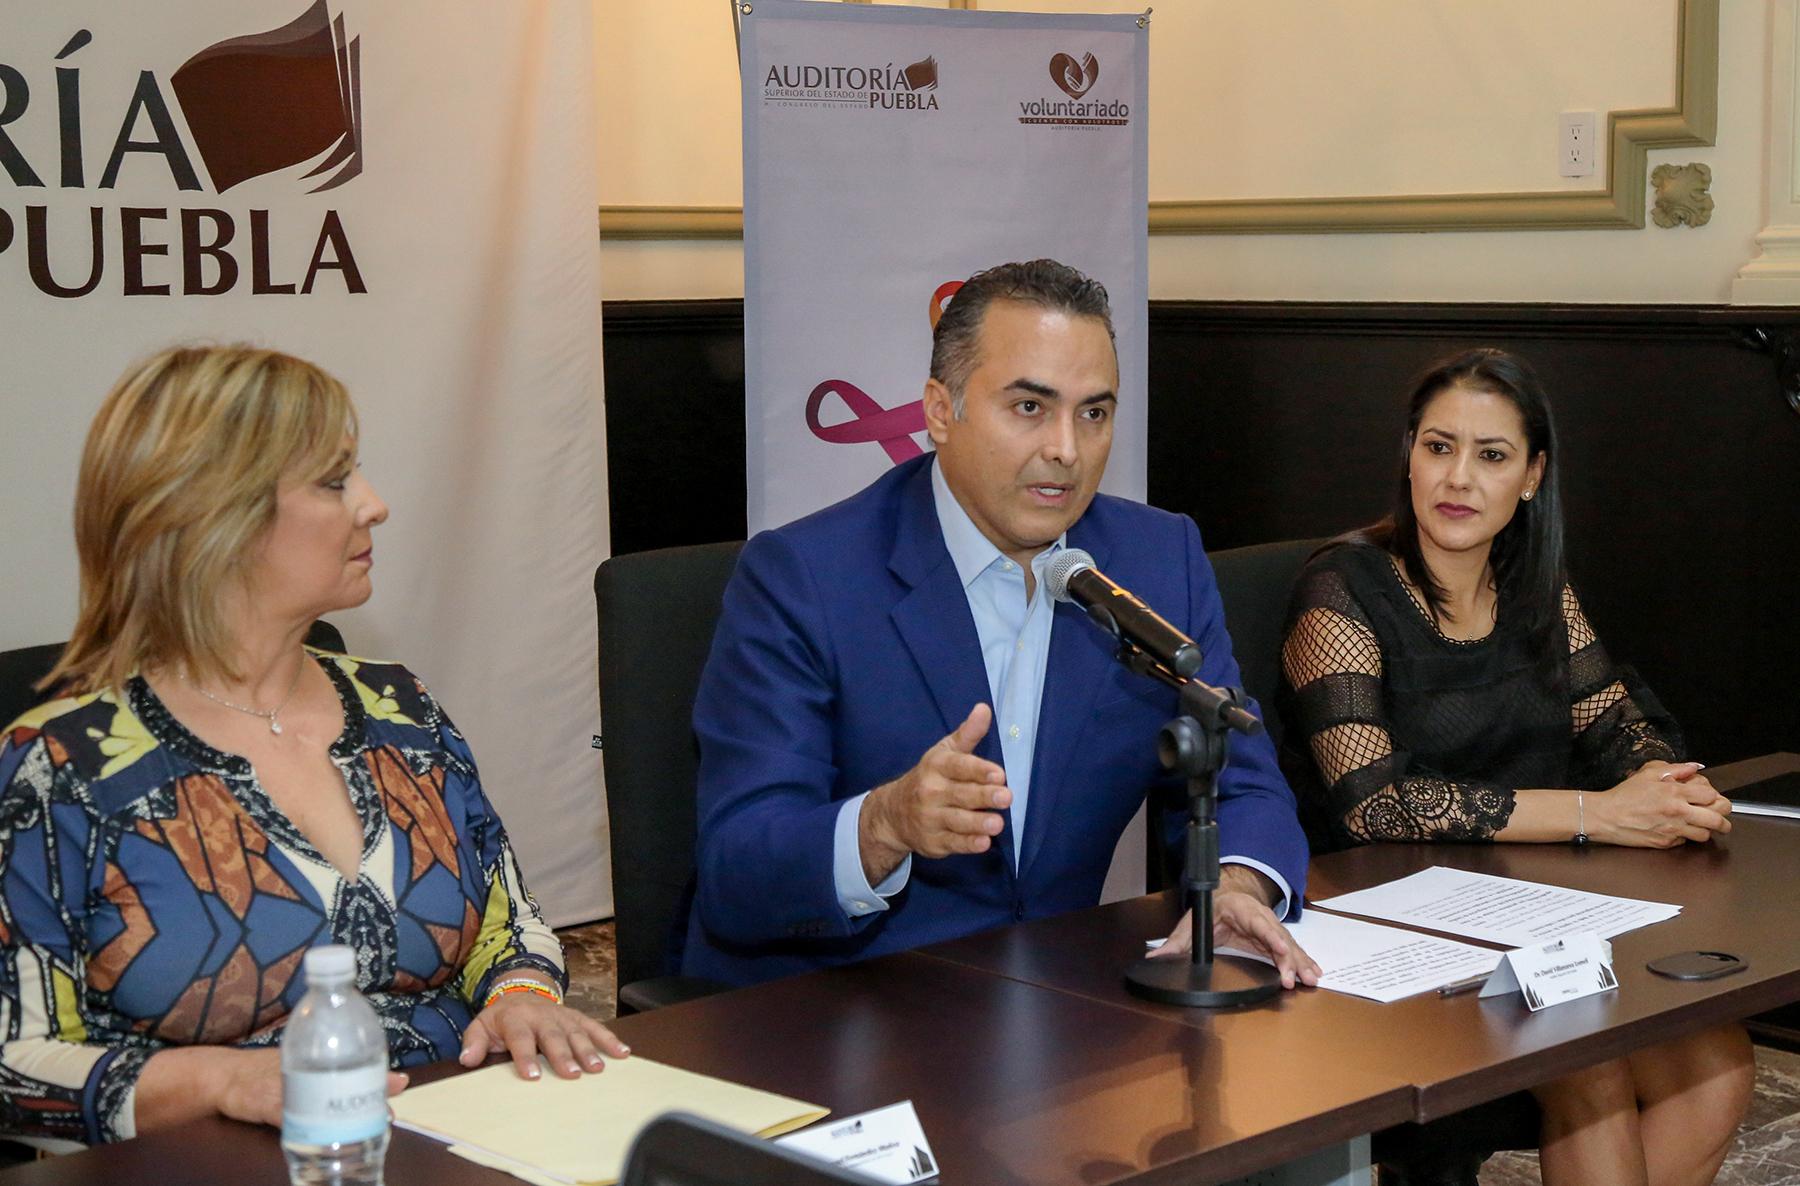 Auditoría Puebla y DIF estatal apoyan programa de voluntariados internos